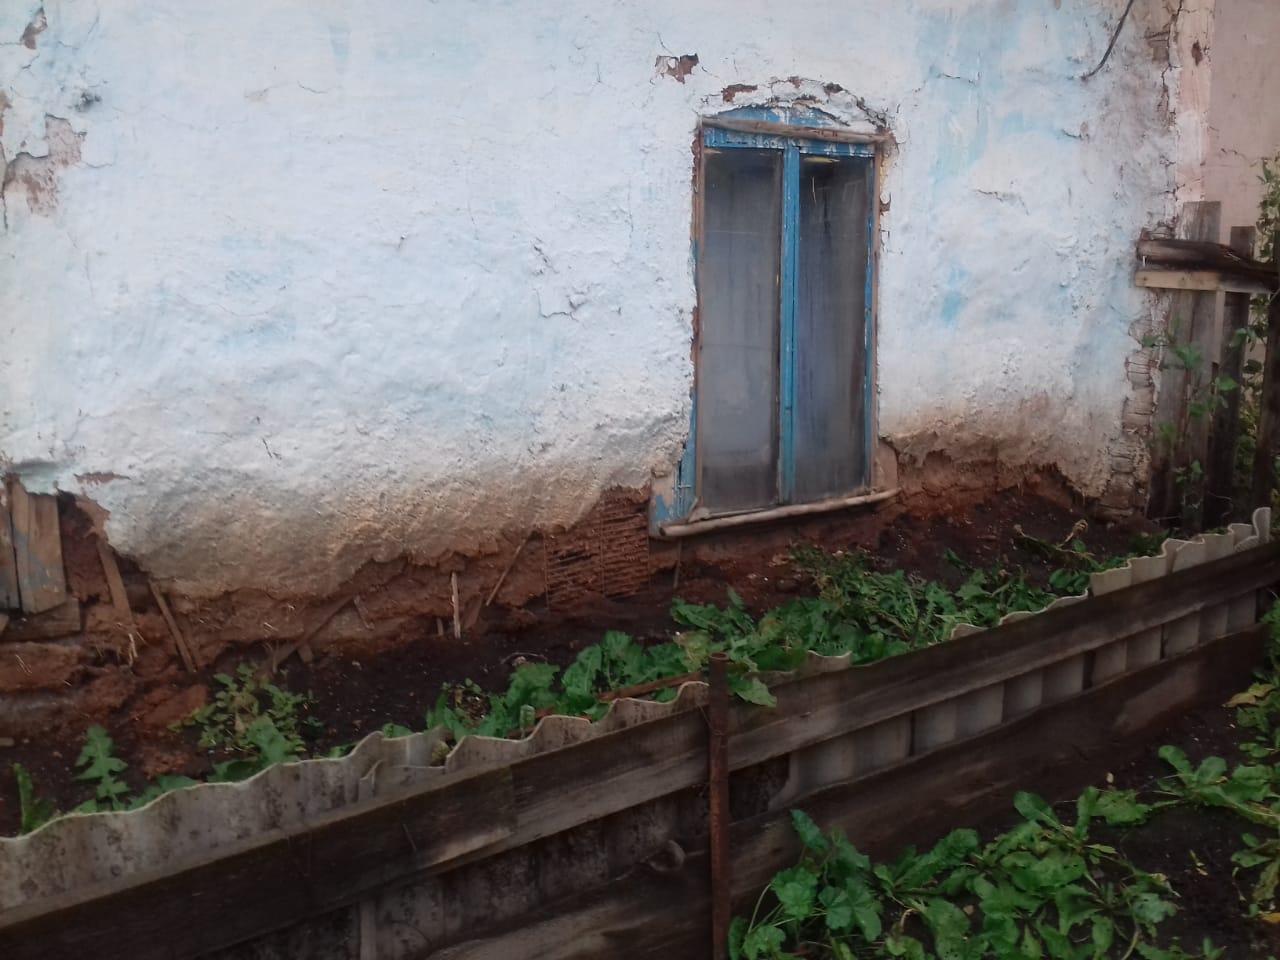 «Везде грибок, сырость и сыроежки»: Жители Уфы вынуждены жить в аварийном доме с плесенью